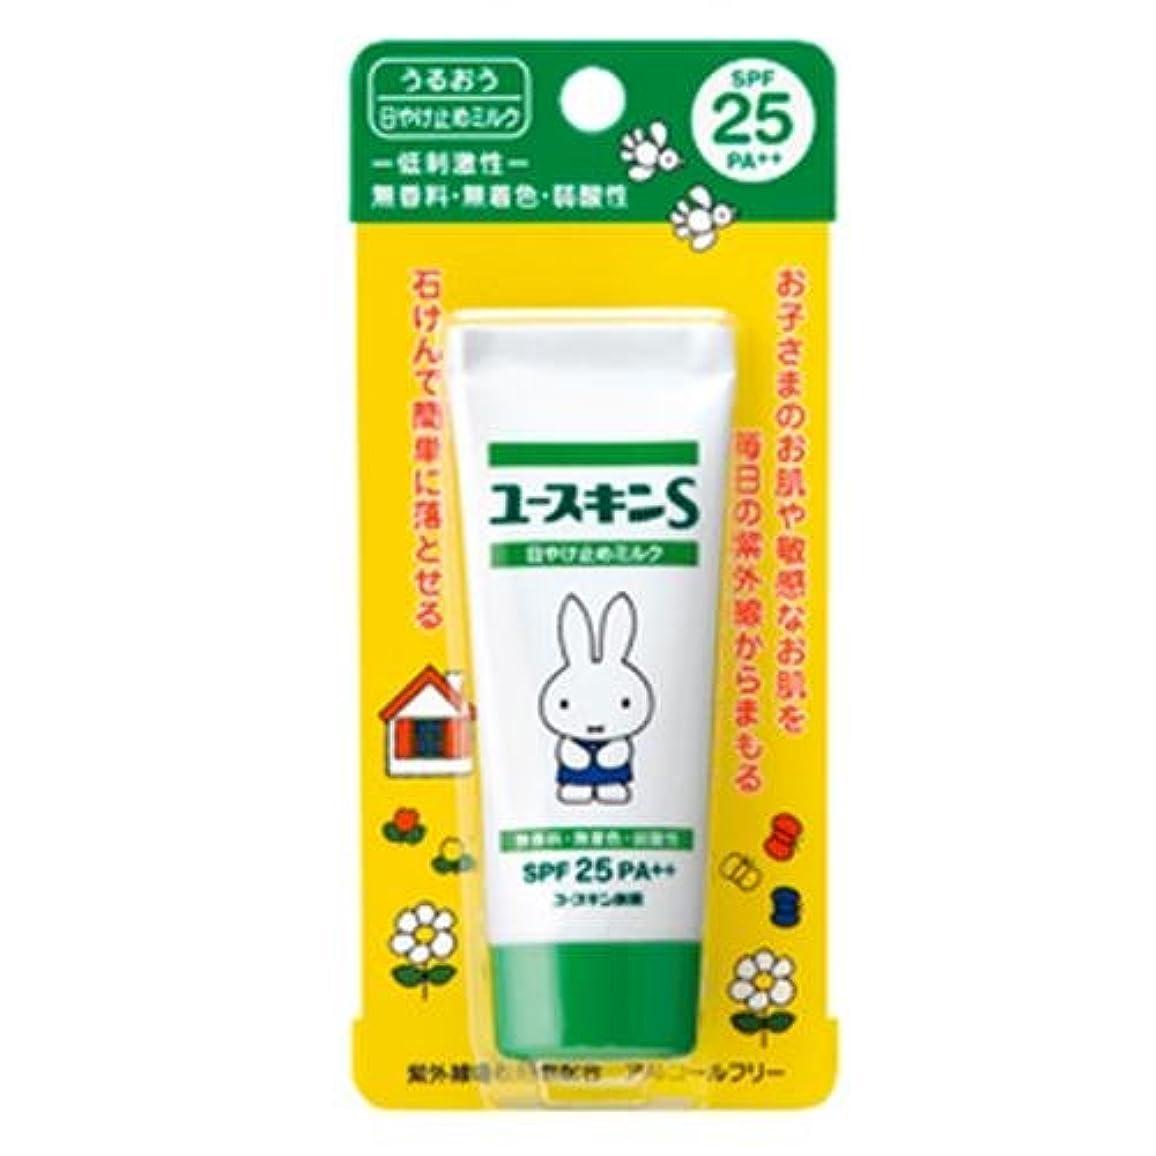 勤勉援助するくすぐったいユースキンS UVミルク SPF25 PA++ 40g (敏感肌用 日焼け止め)